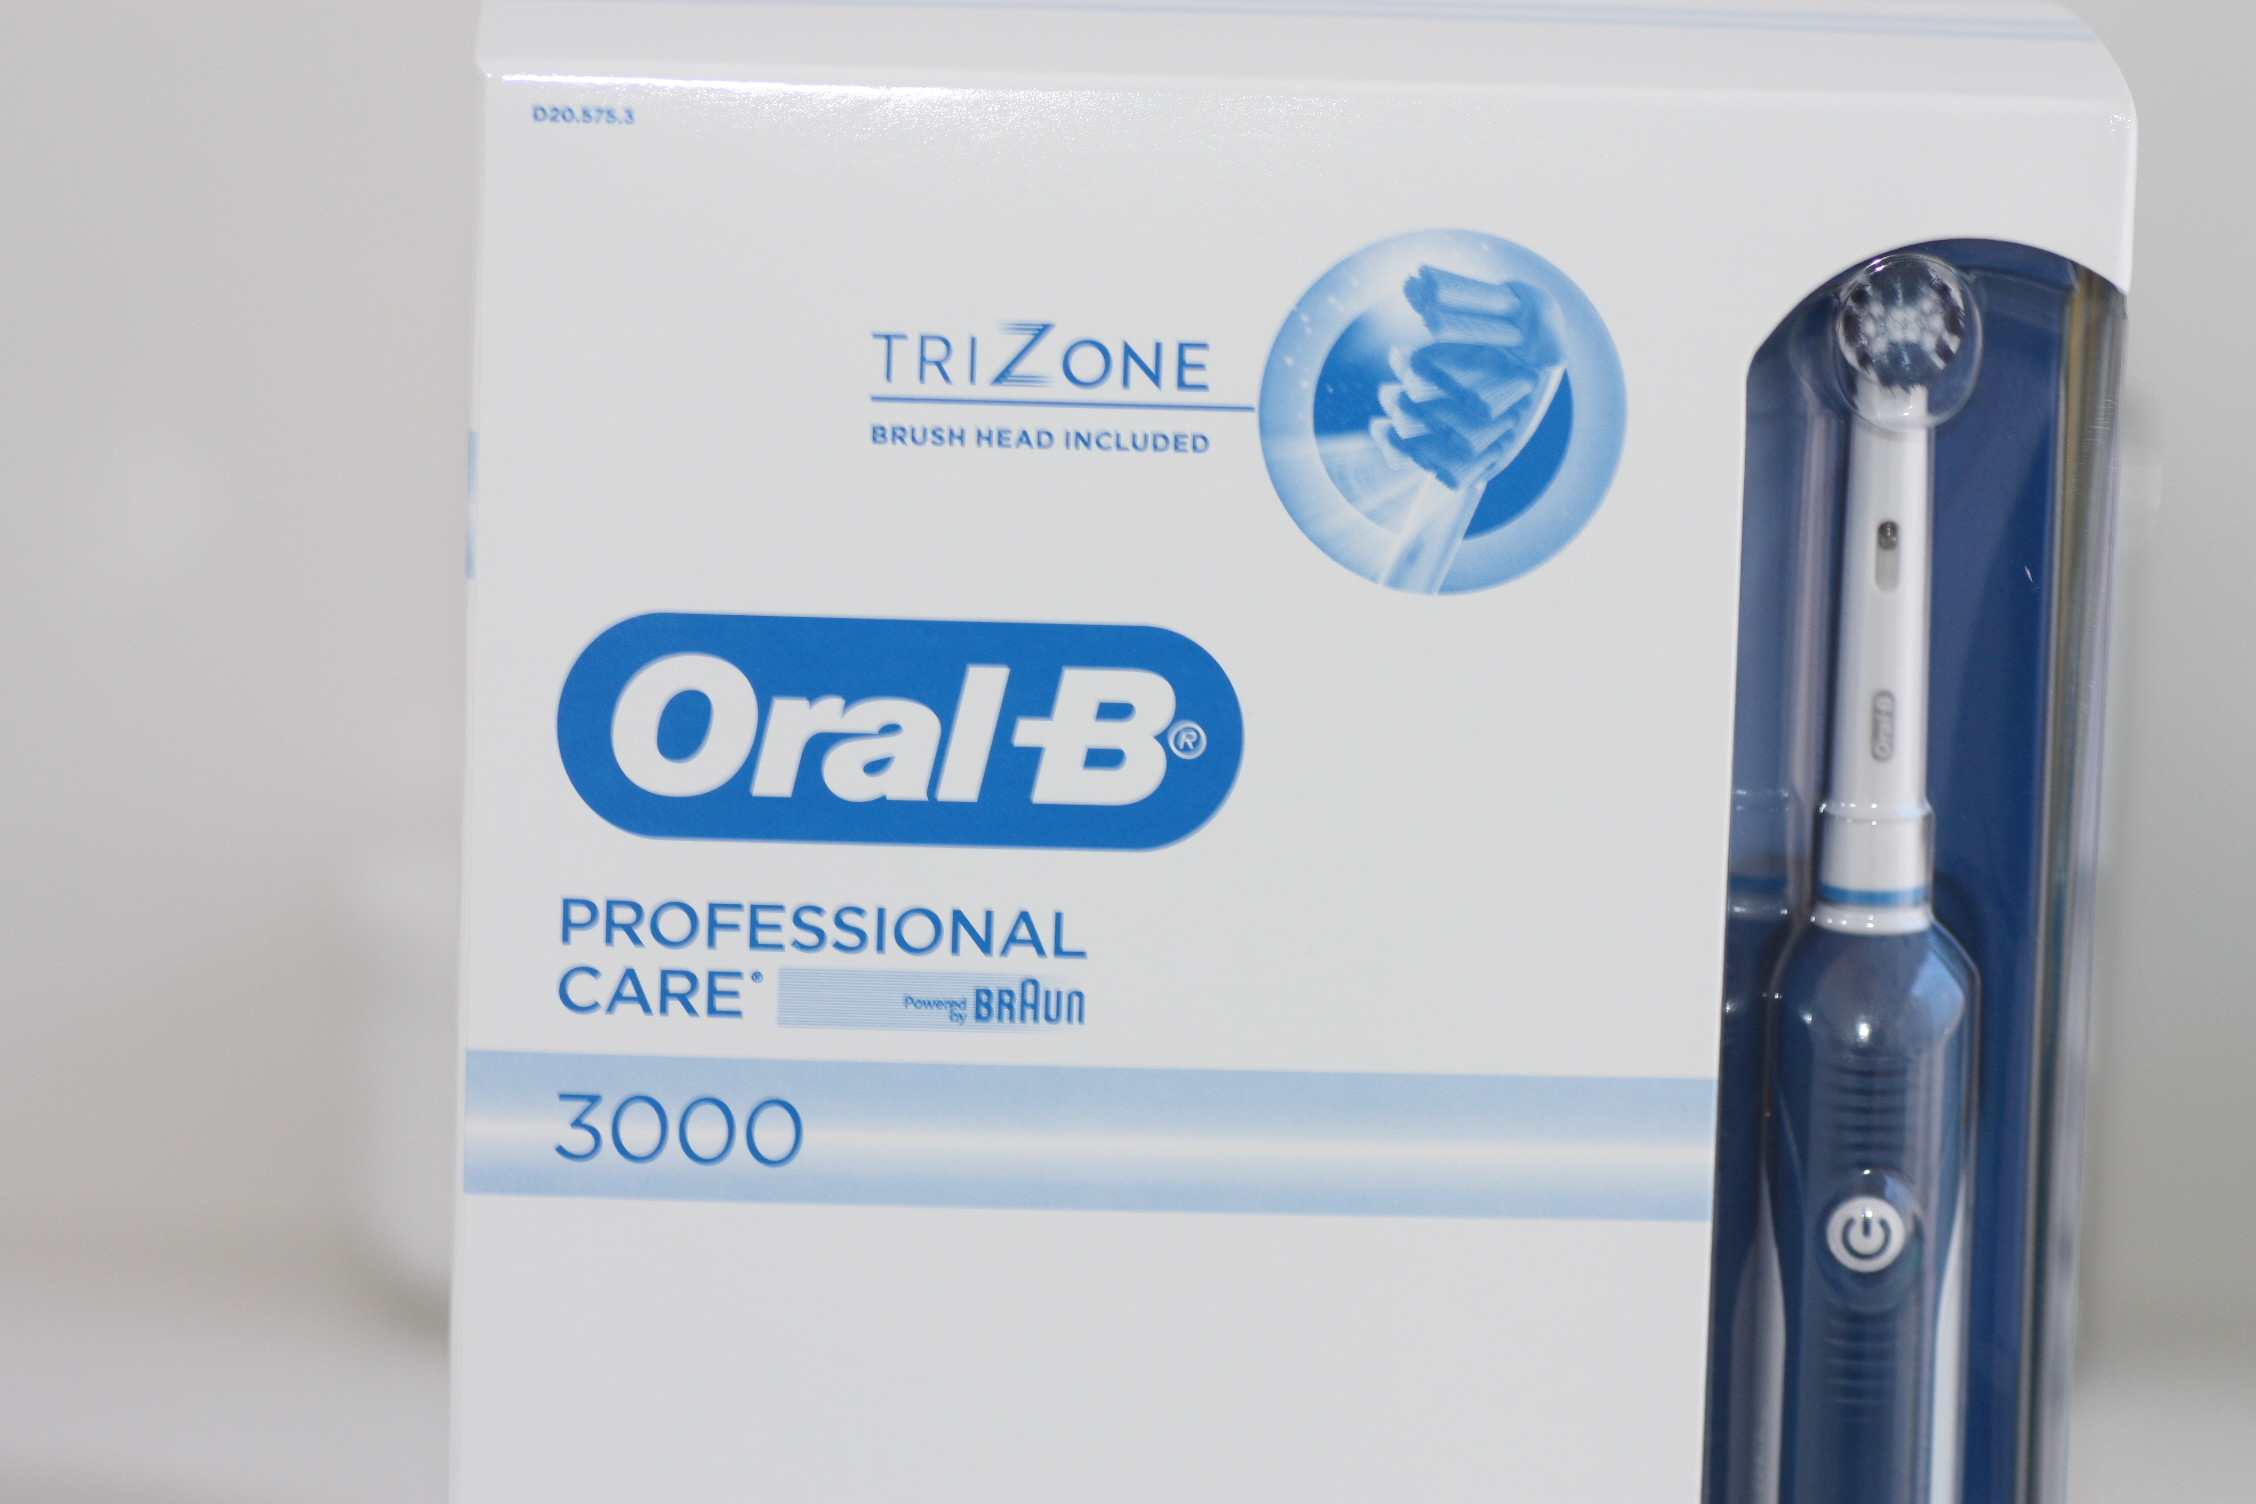 Oral-B Professional Care 3000 con cabezal TriZone